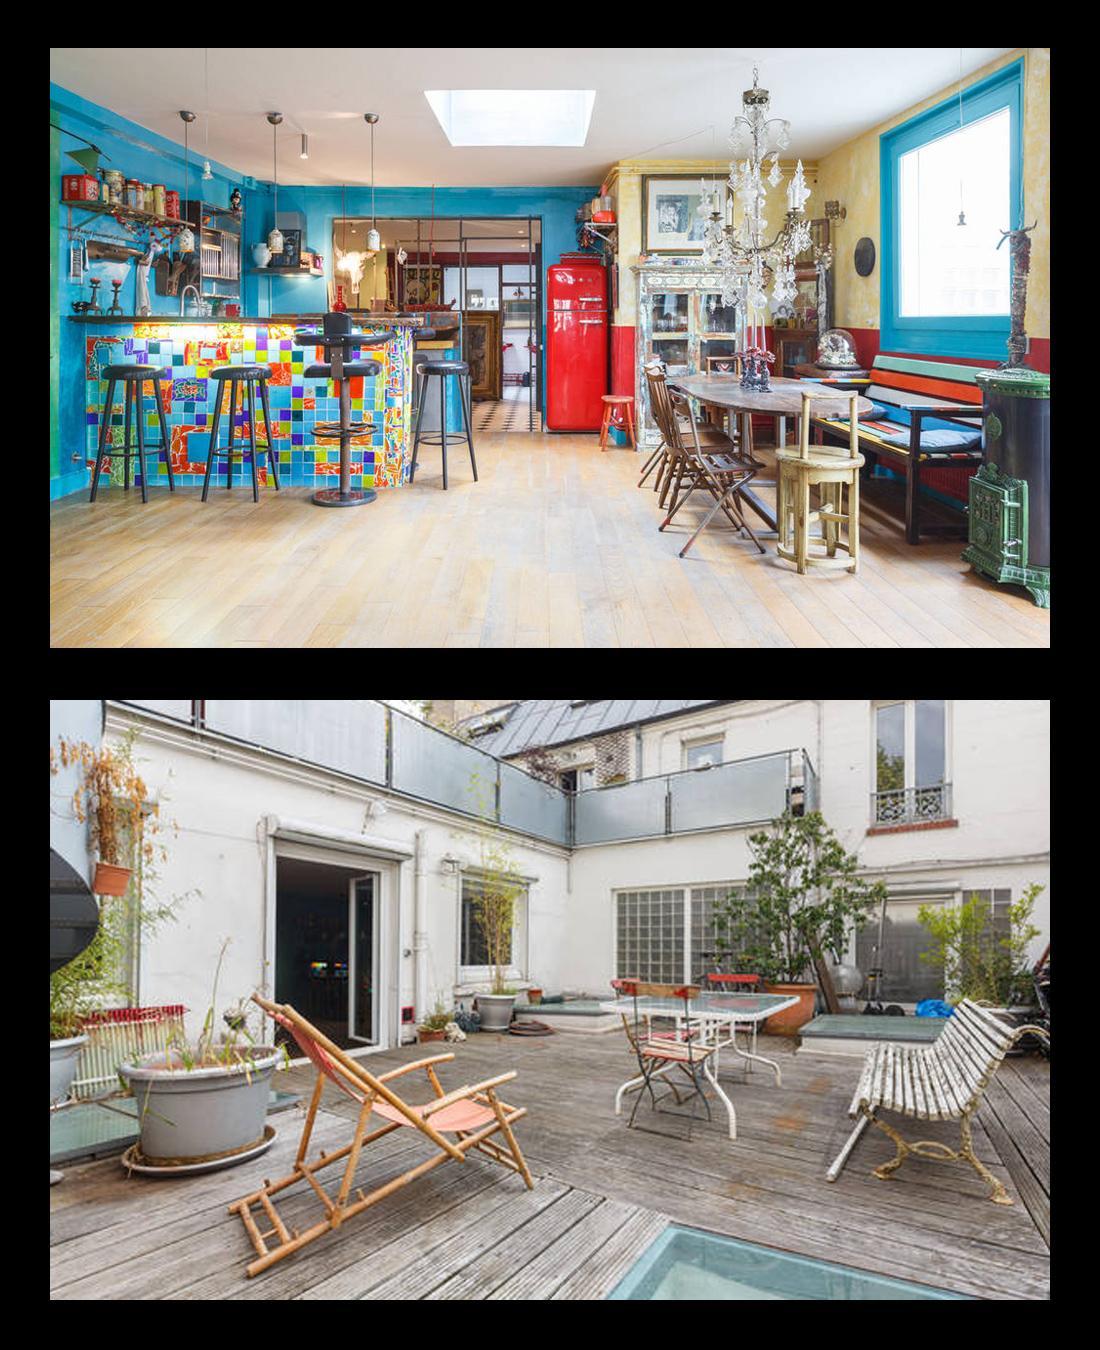 Les questions se poser pour viter les pi ges sur airbnb - Location atelier d artiste paris ...